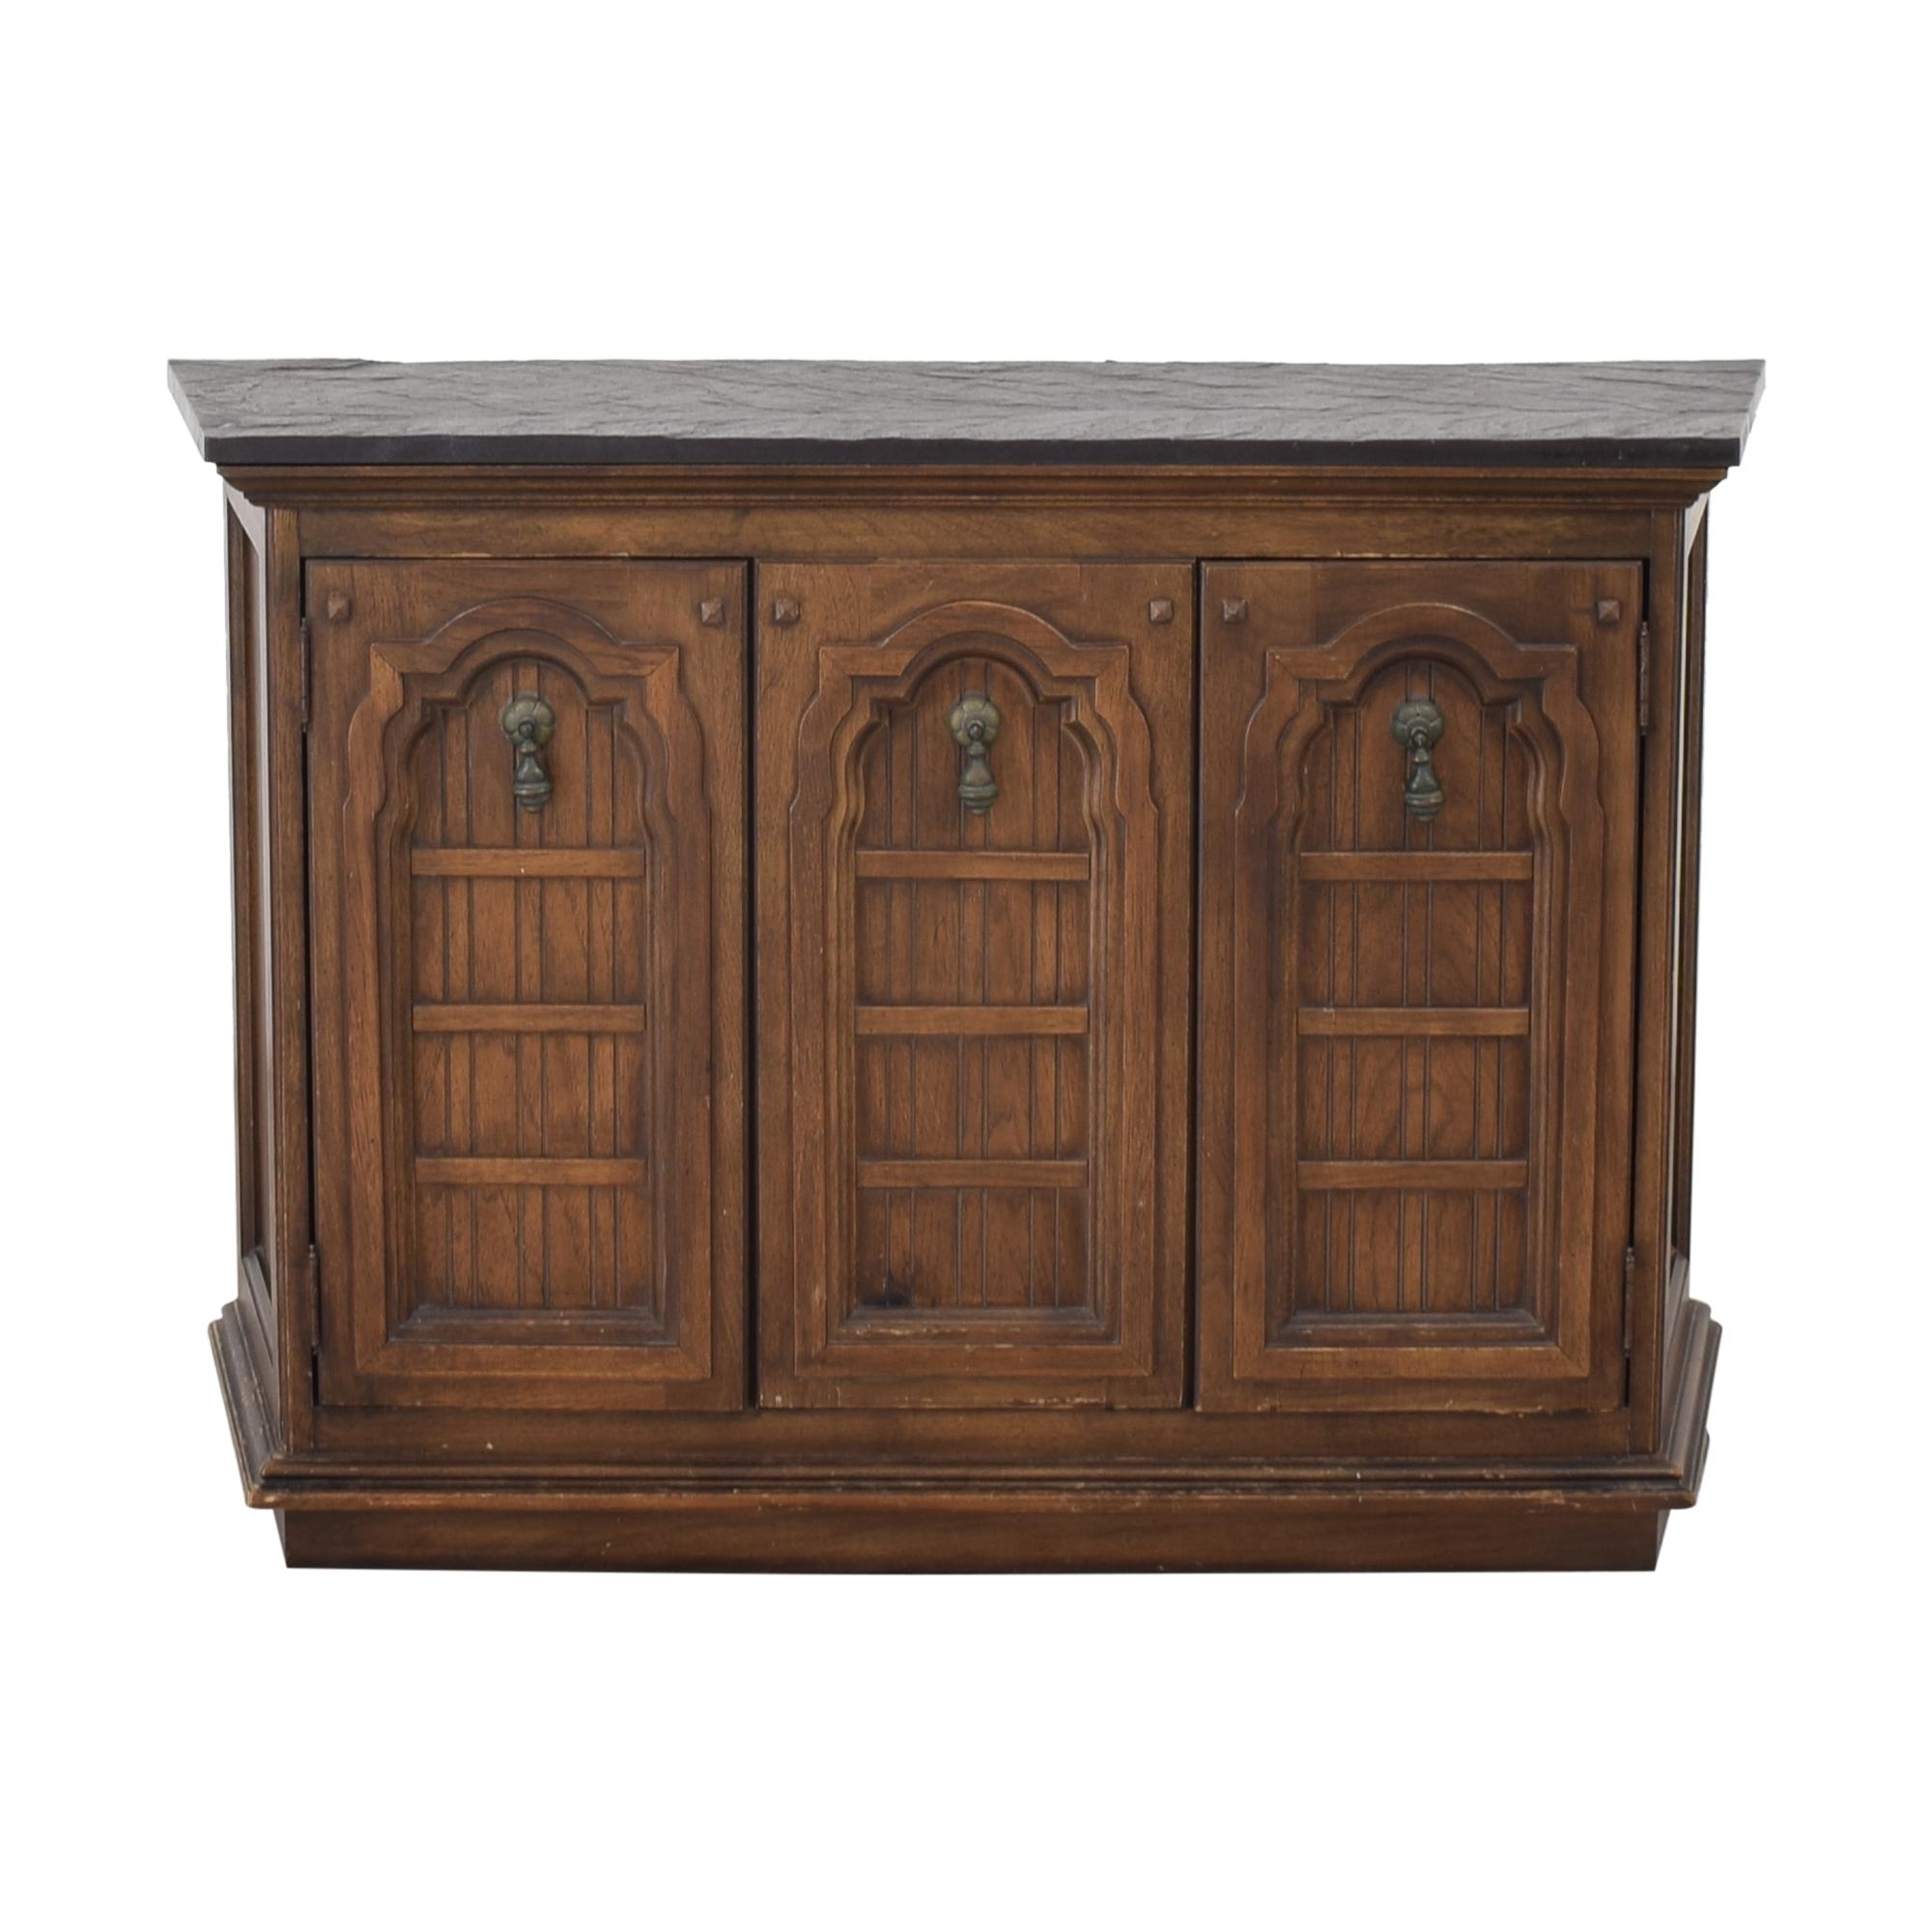 Flint & Horner Flint & Horner Vintage Sideboard Cabinets & Sideboards